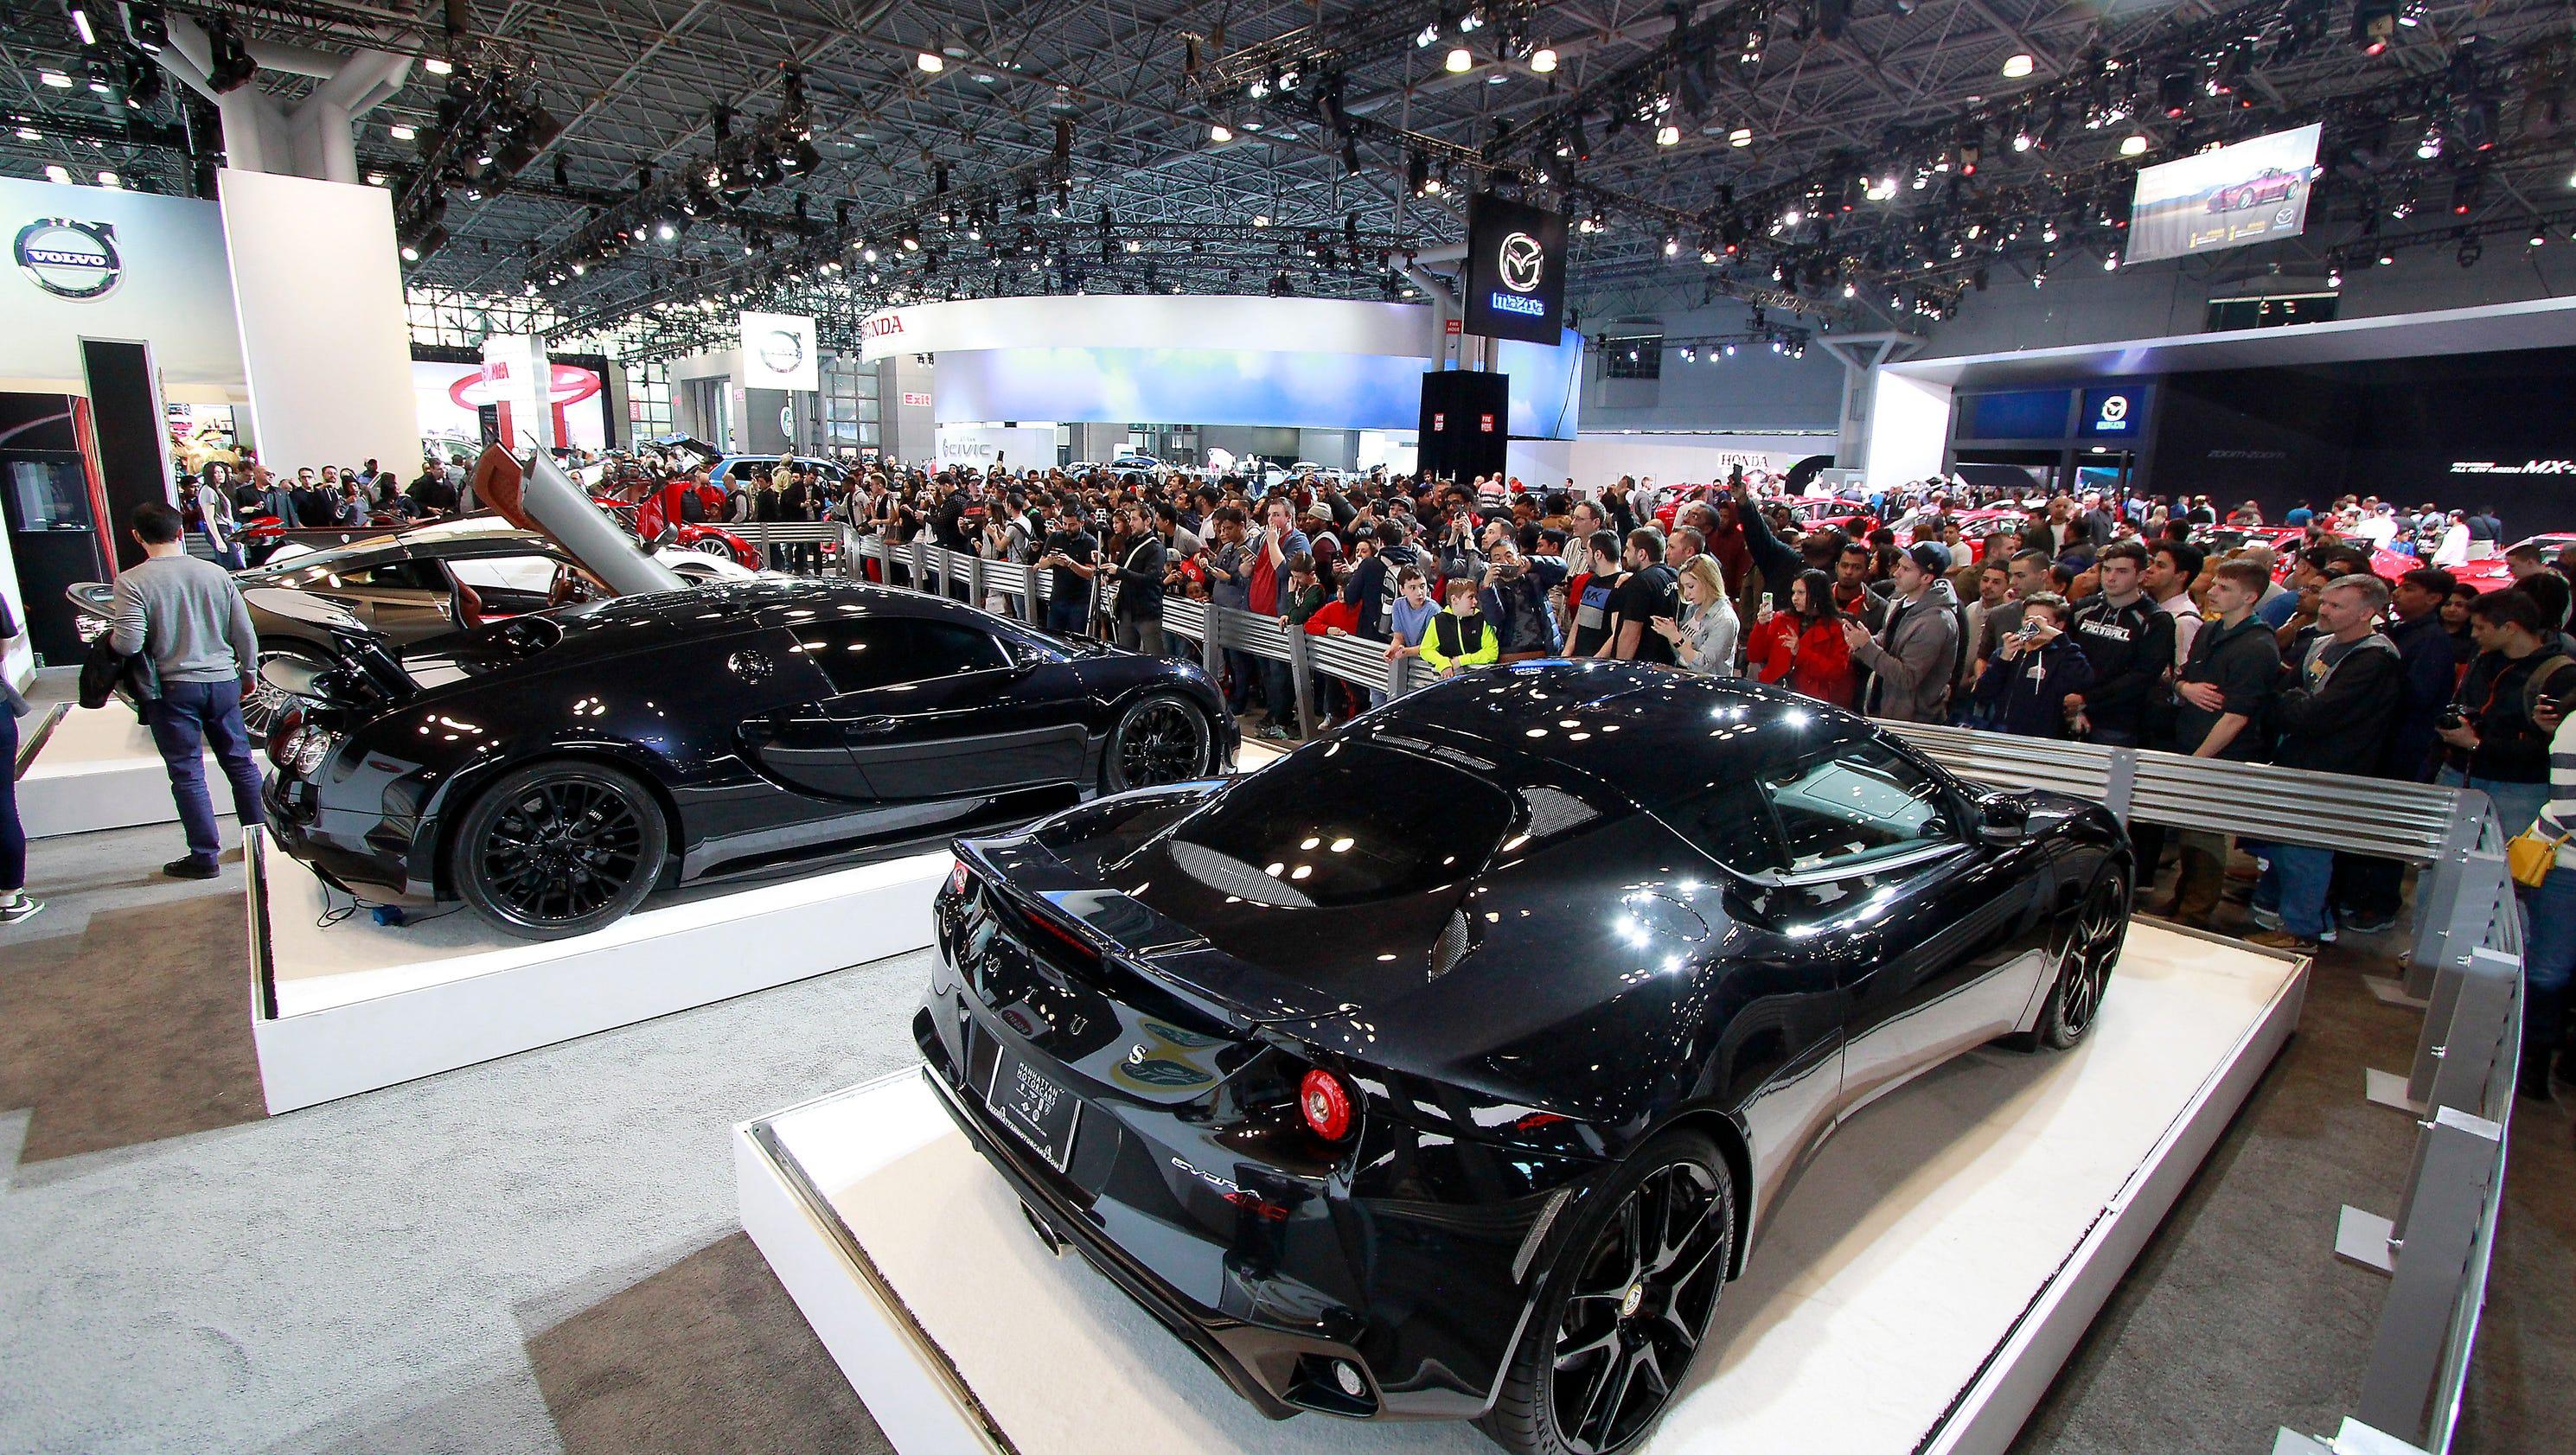 Win 4 Tickets to the NY International Auto Show